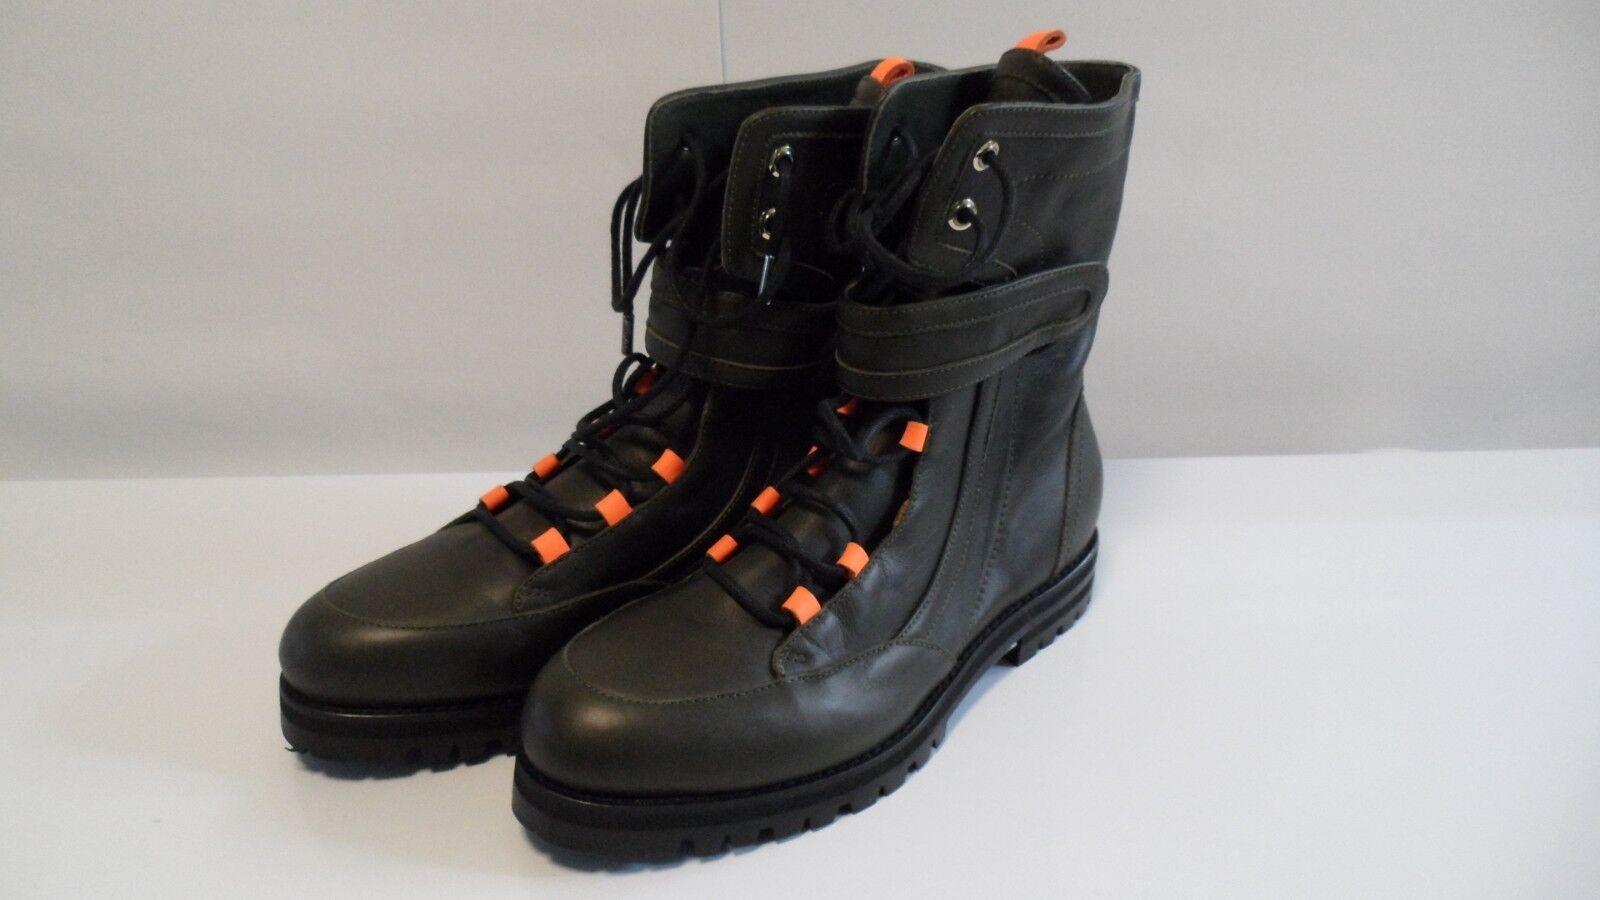 prezzi bassi di tutti i giorni Jimmy Choo Army verde Smooth Smooth Smooth Leather  Combat stivali Sz 37 7 Made in   all'ingrosso a buon mercato